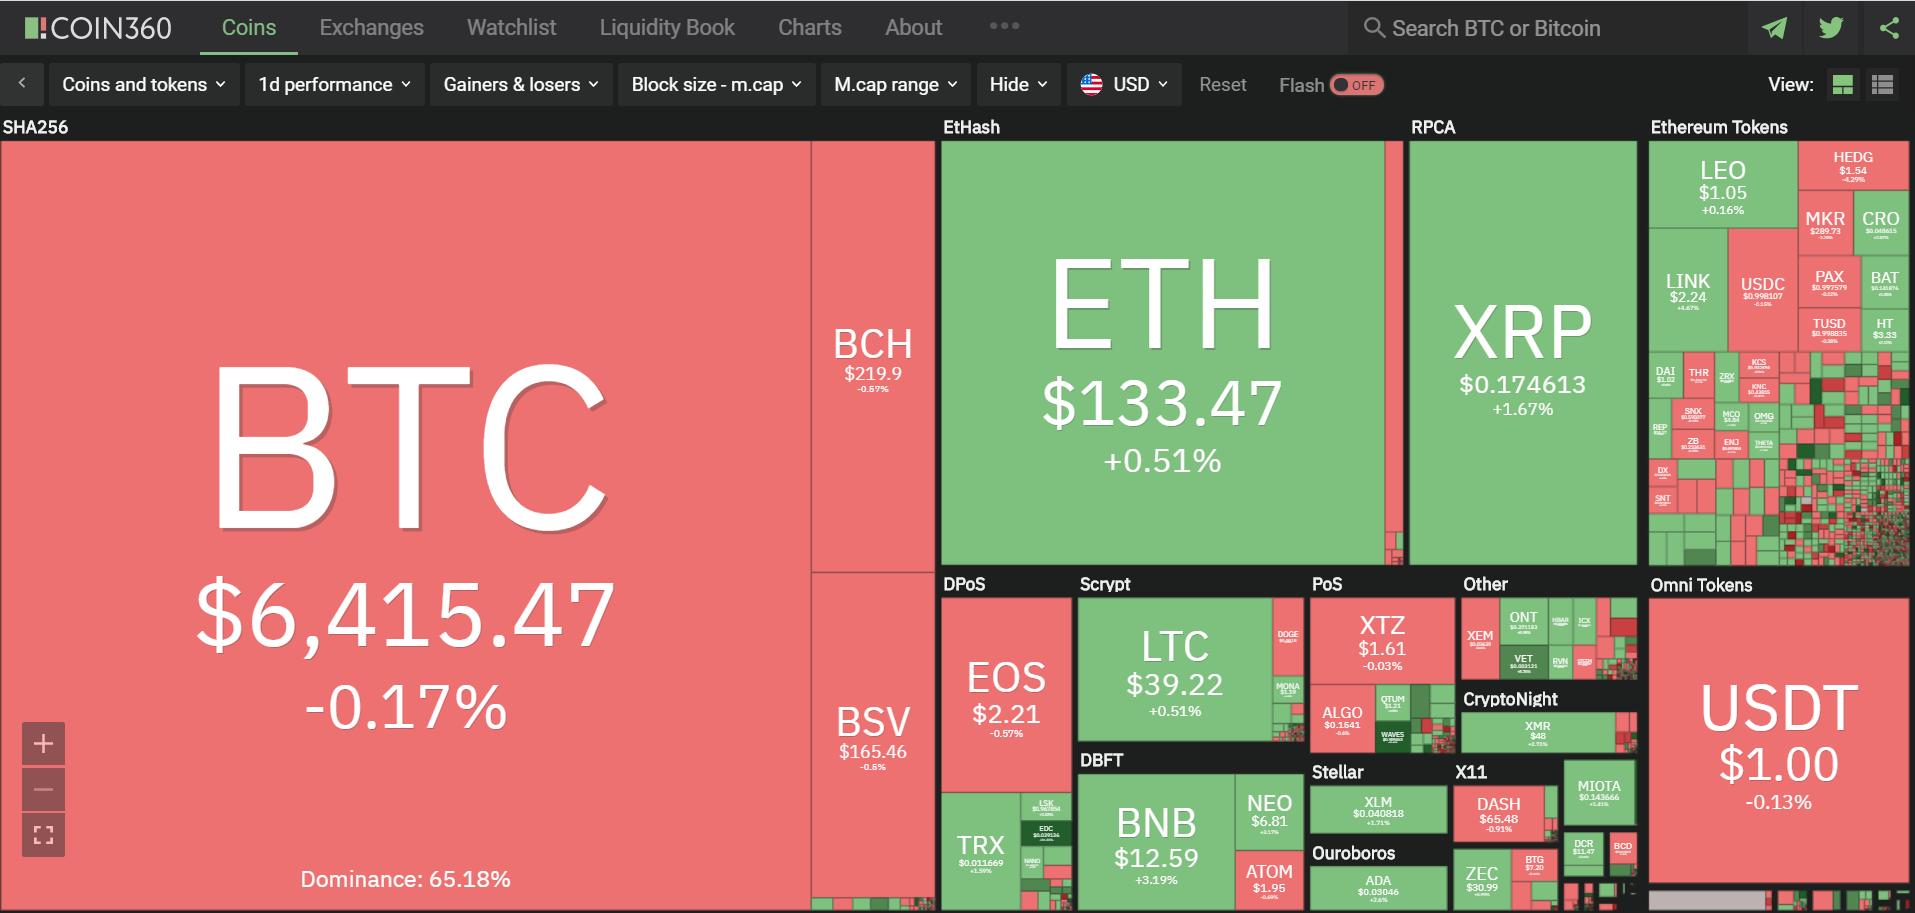 Toàn cảnh thị trường tiền kĩ thuật số hôm nay (1/4) (Nguồn: Coin360.com)